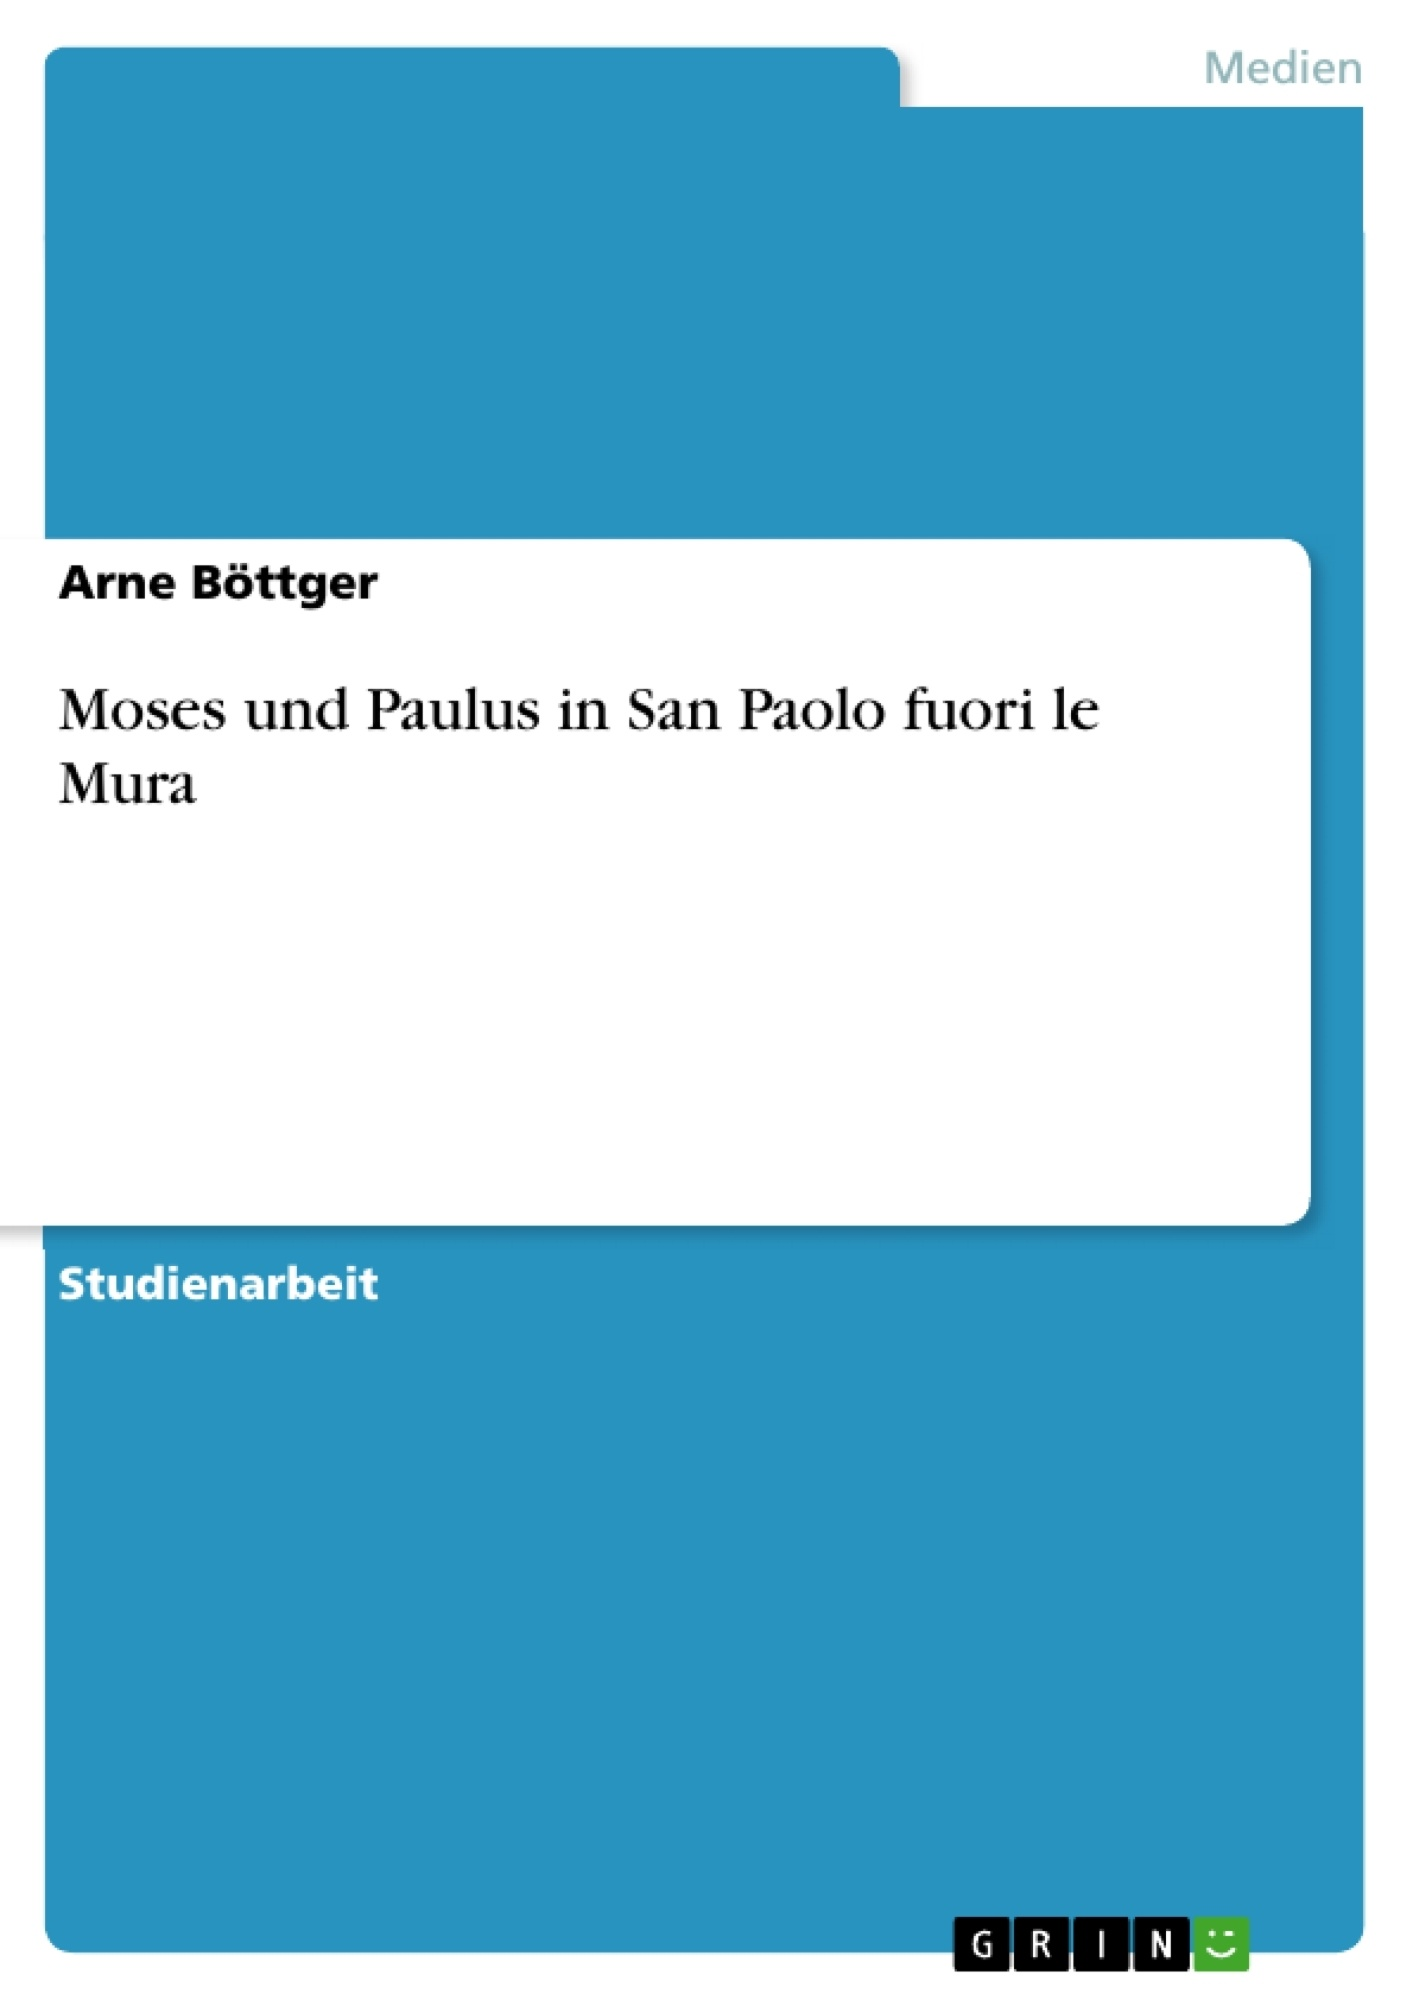 Titel: Moses und Paulus in San Paolo fuori le Mura